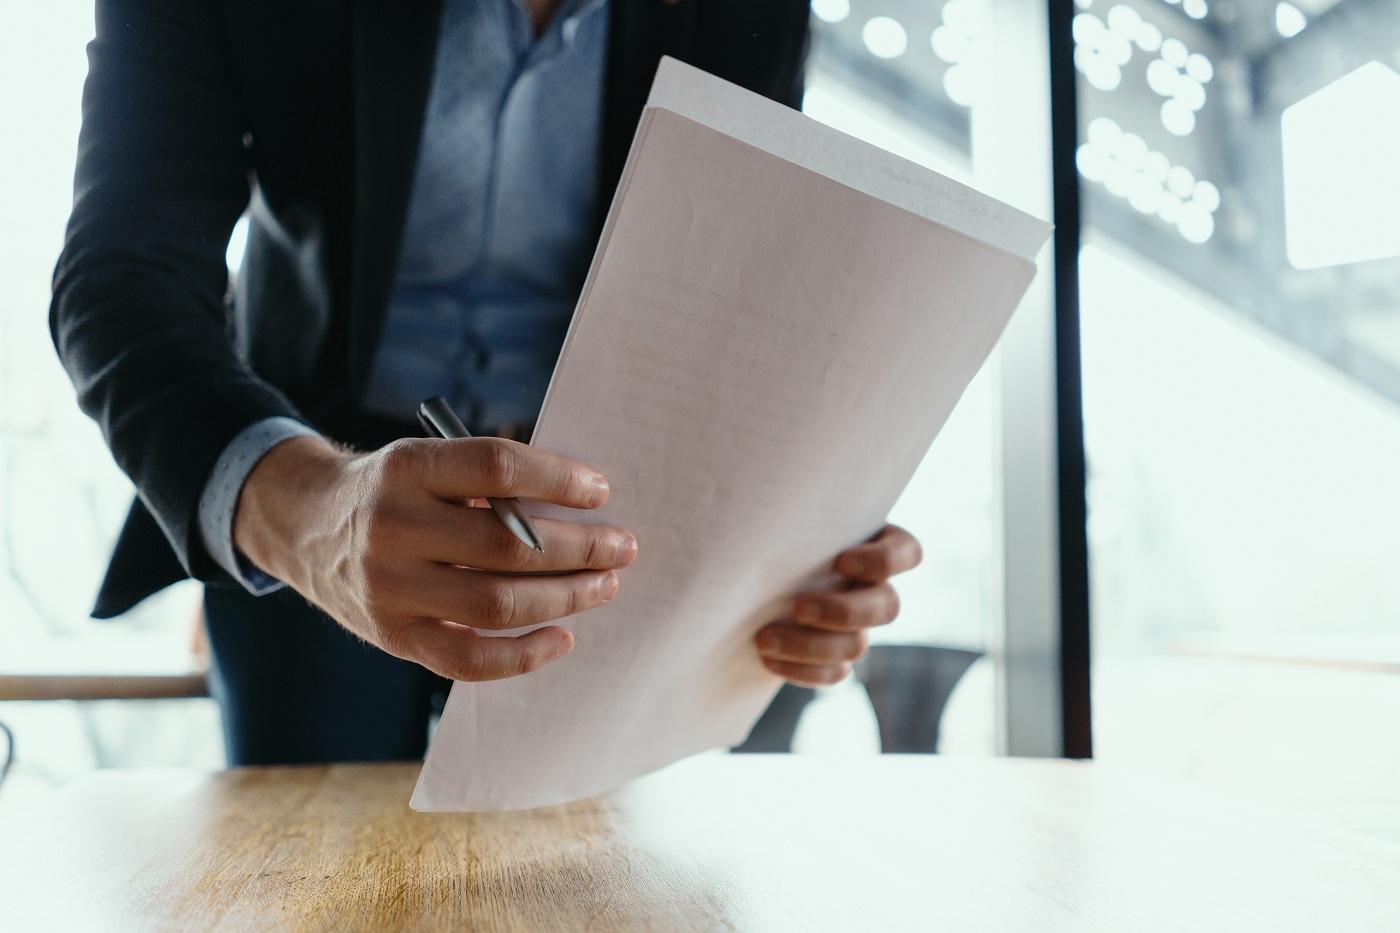 Descarga el certificado de antecedentes penales